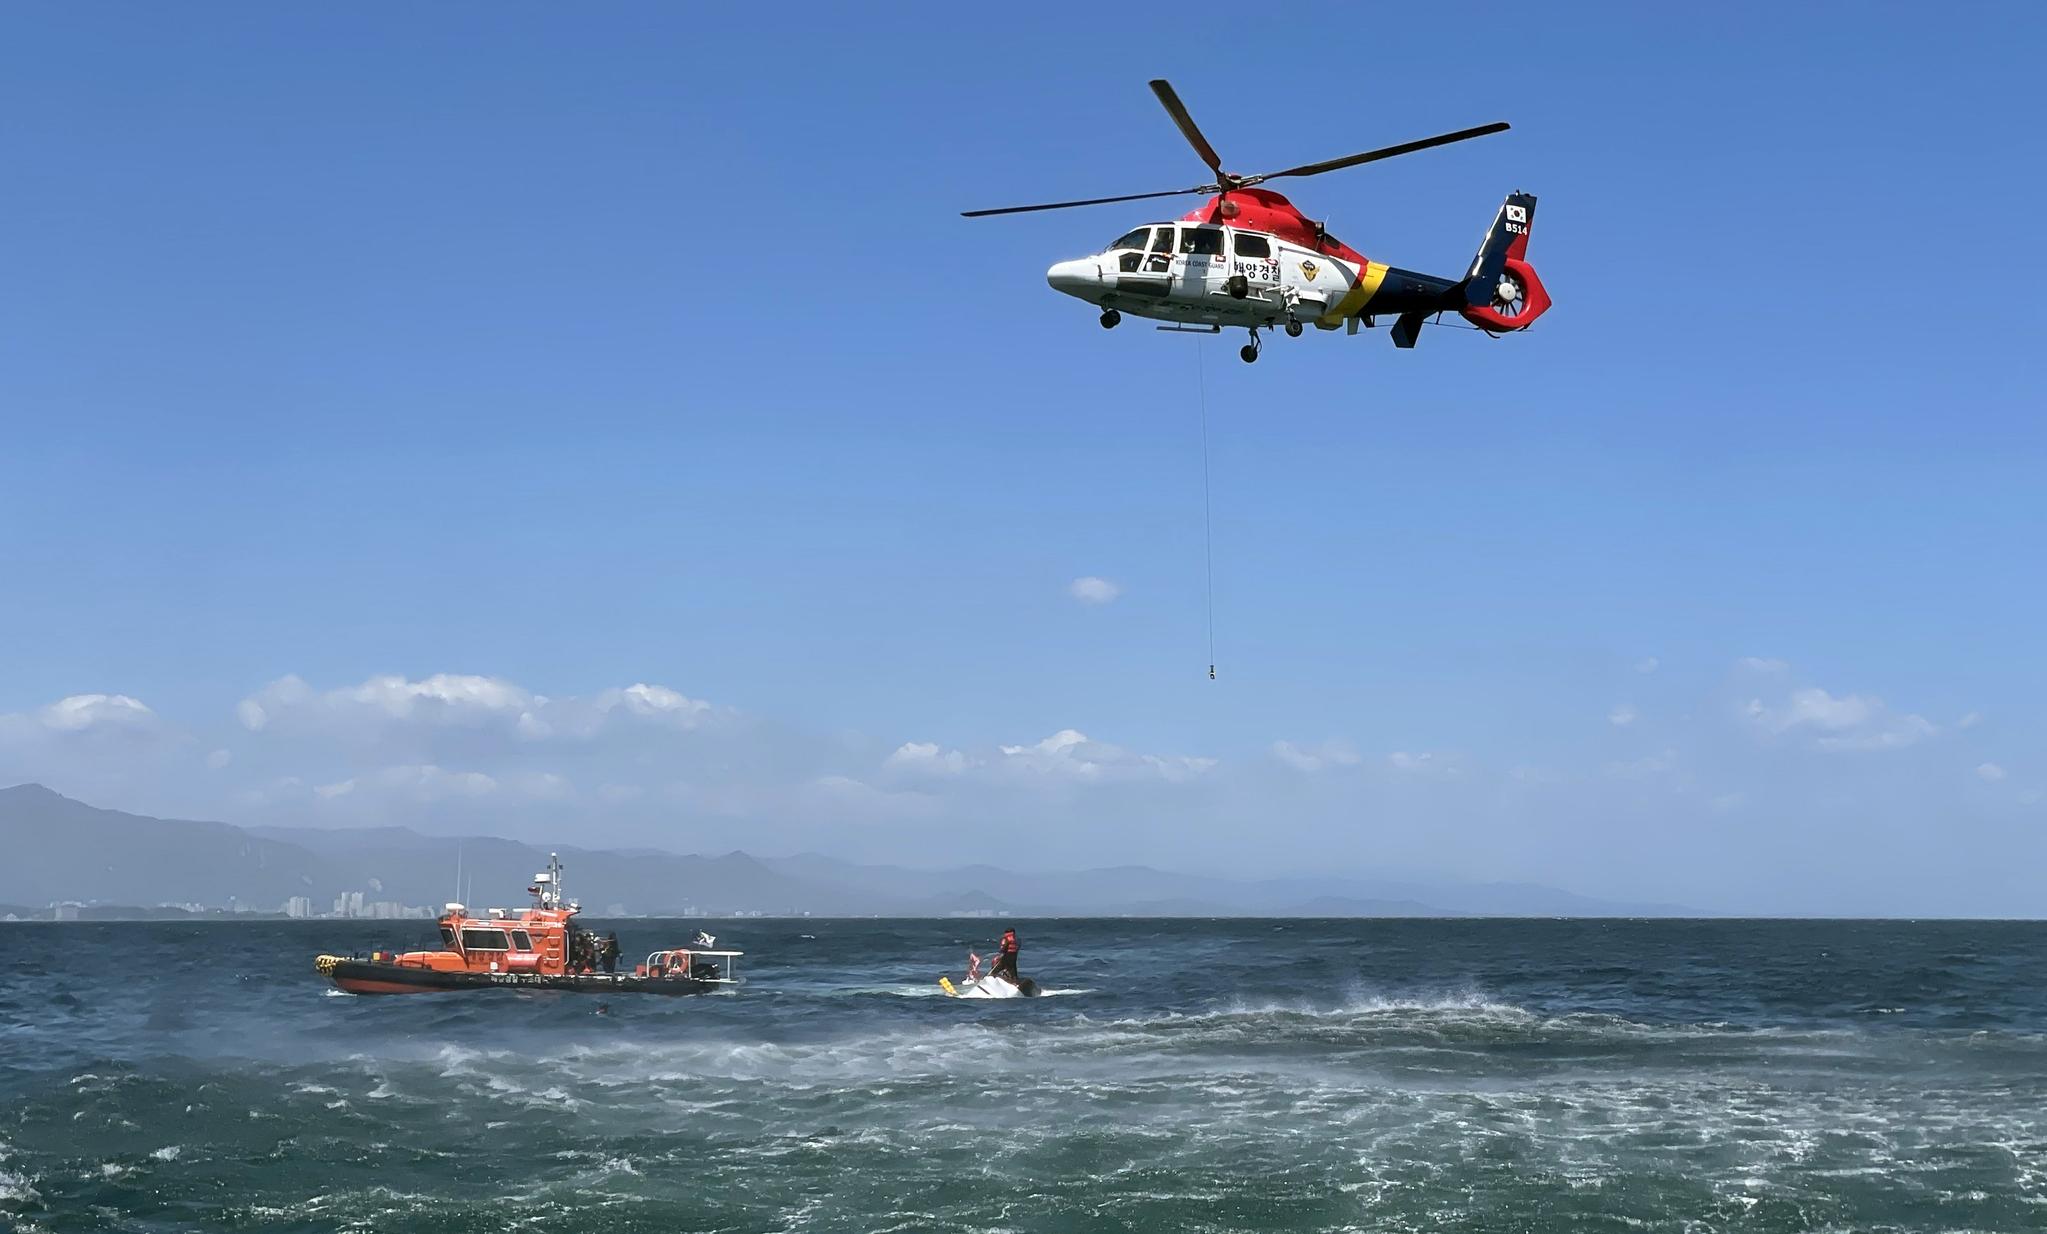 9일 강원 양양 앞바다에서 3톤급 통발어선 A호가 전복되는 사고가 발생했다. 사진은 선박이 구조되고 있는 모습. 사진 속초해양경찰서